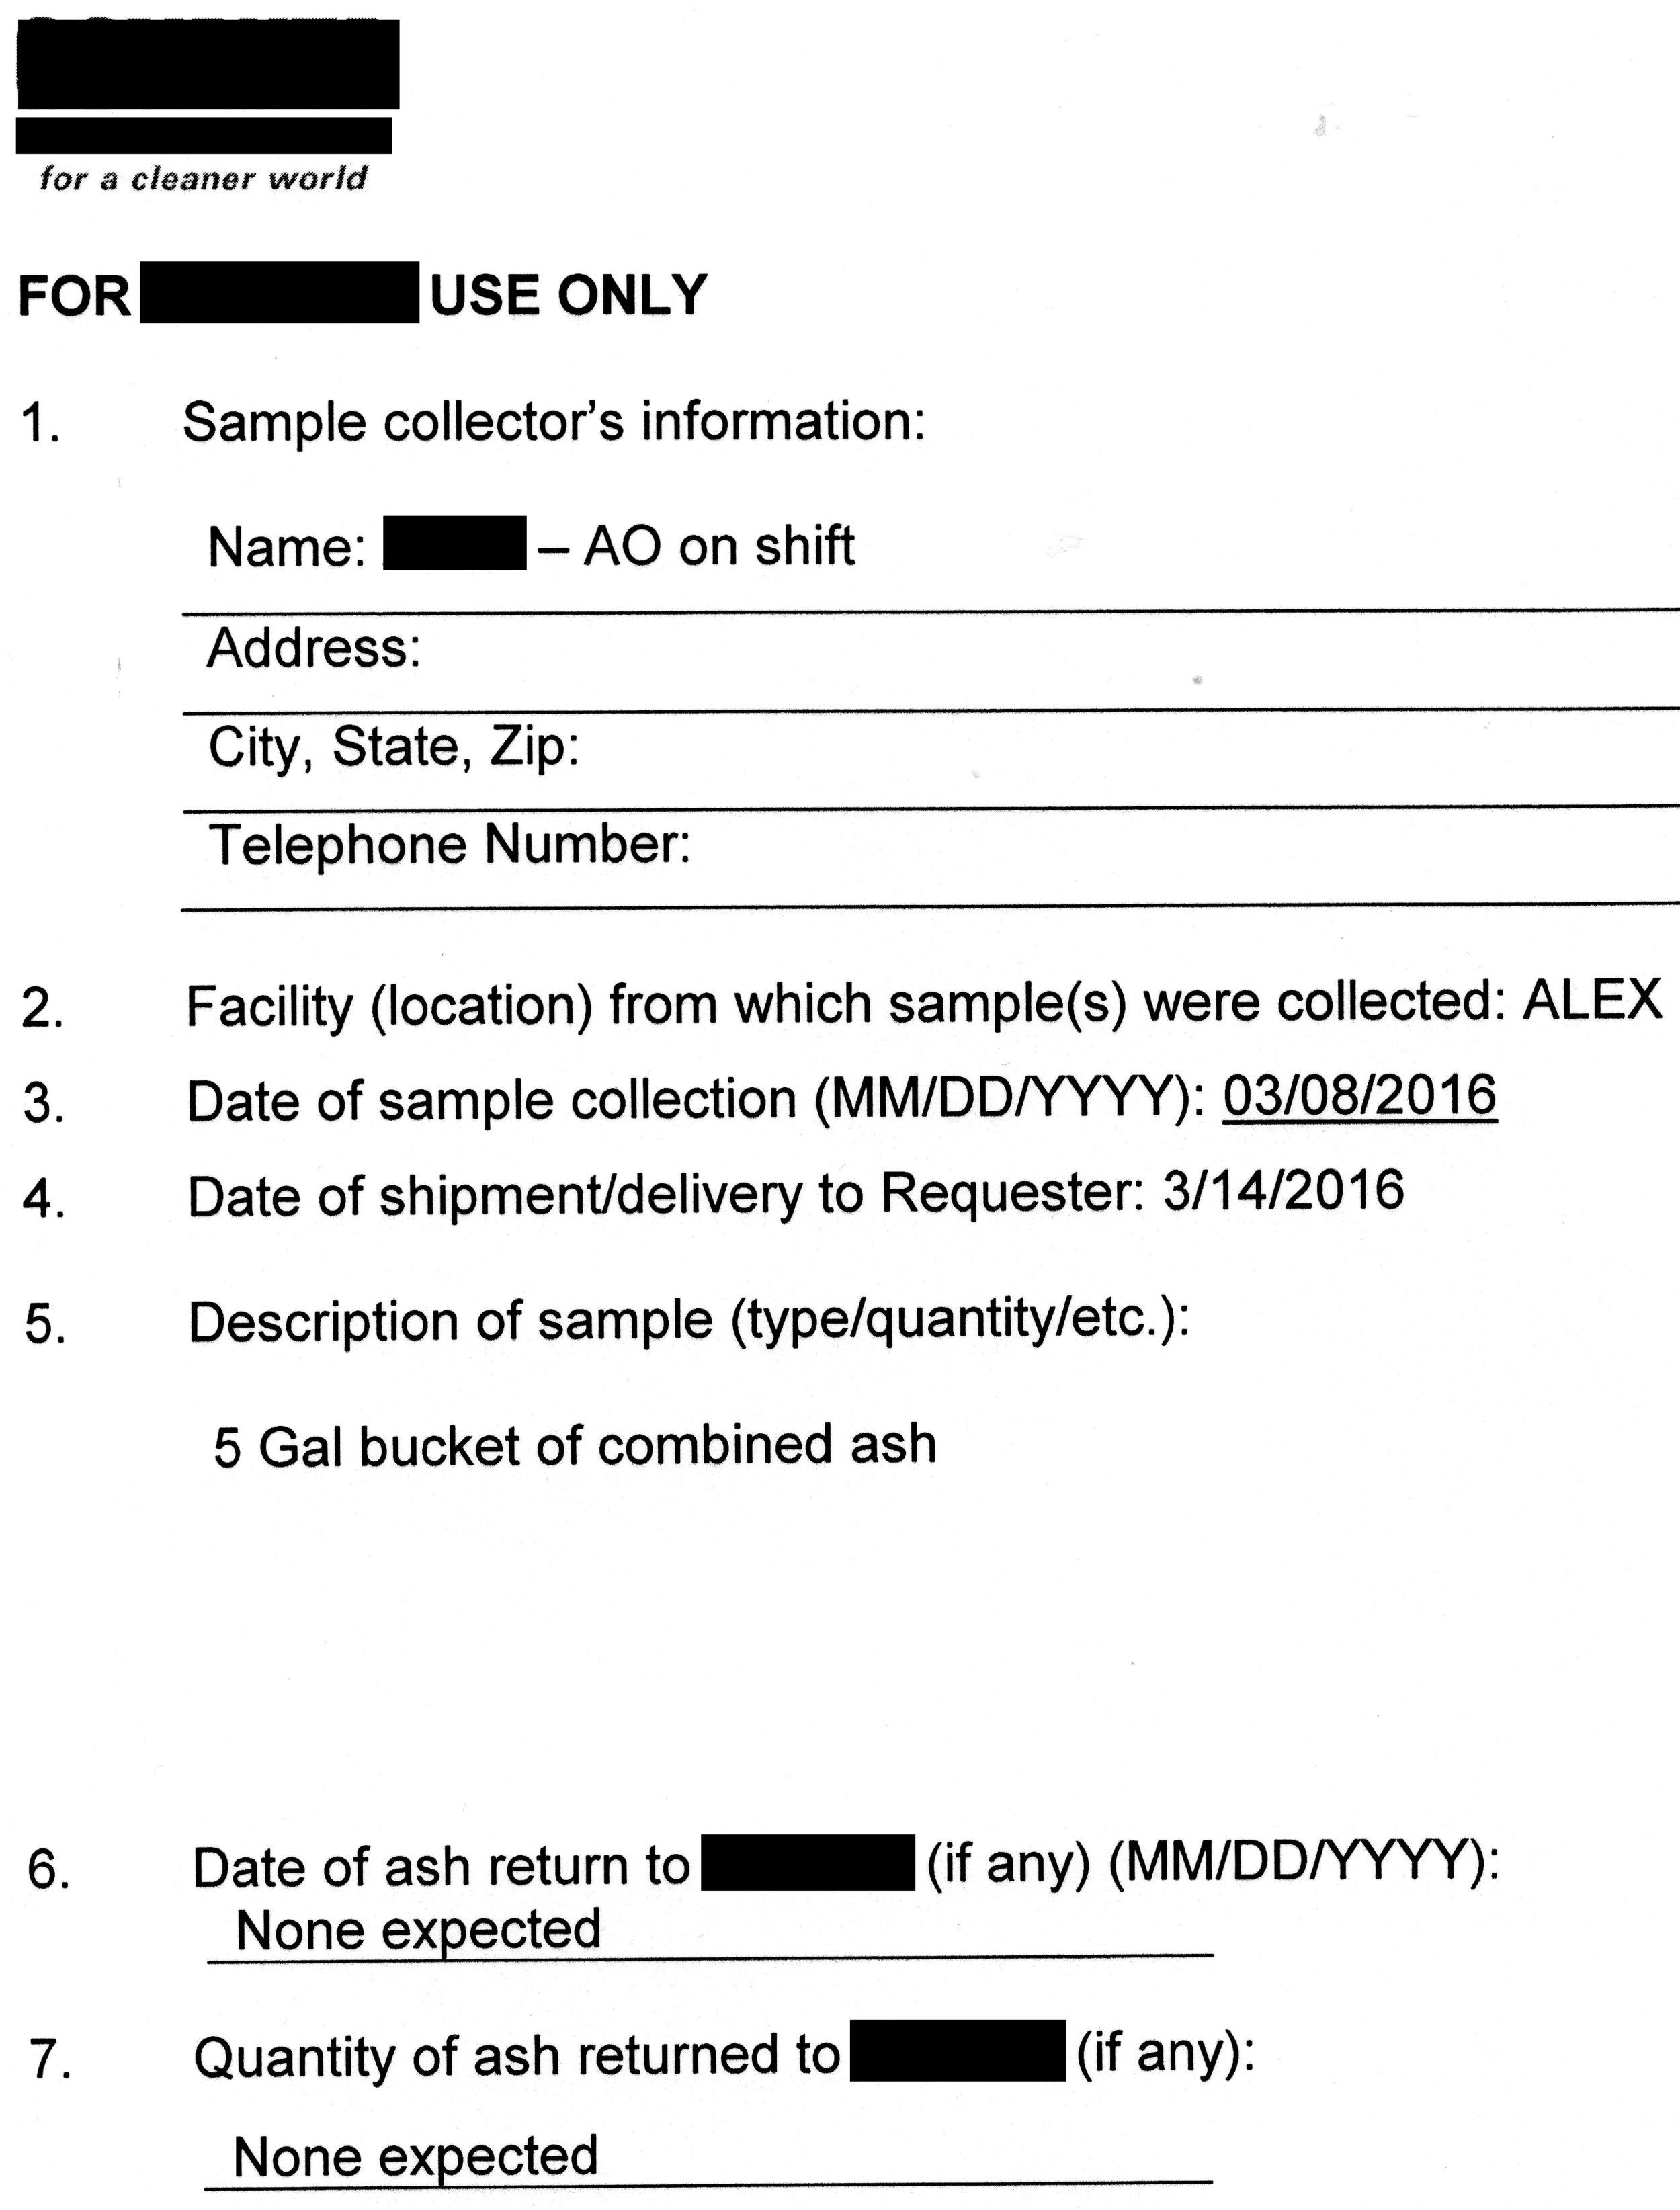 Covanta Docs 3:5 full redact.jpg